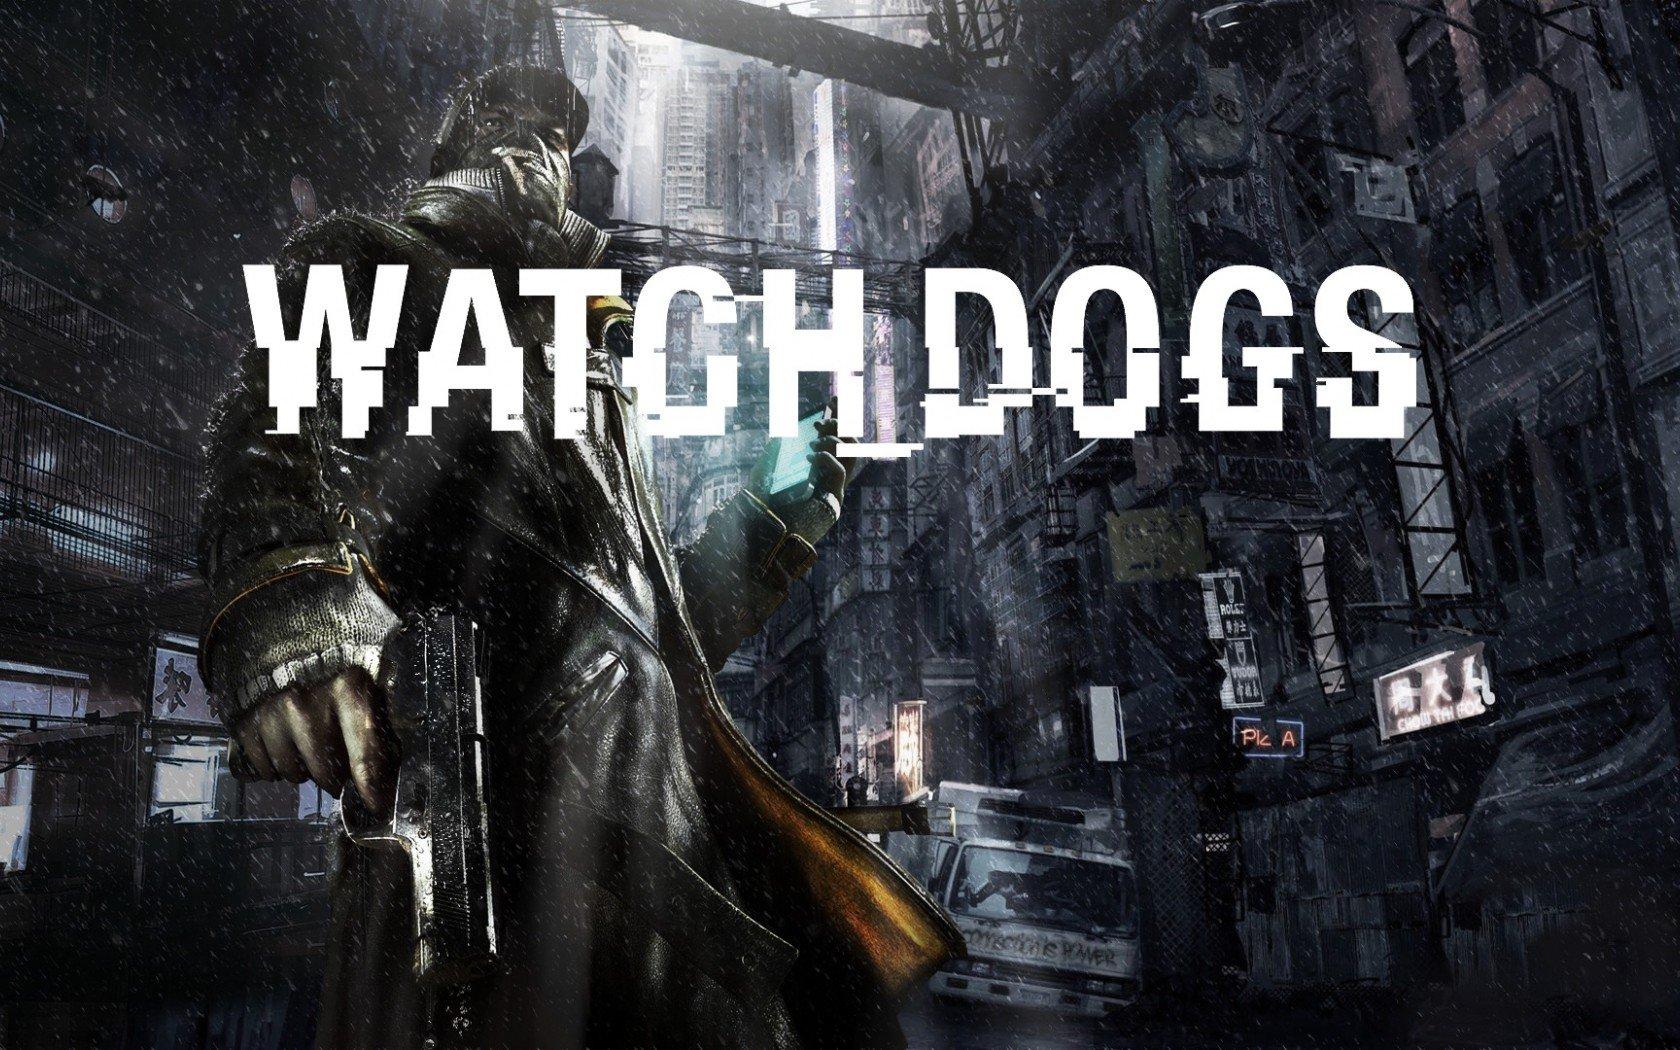 Походу Ubisoft собирается снимать фильмы по всем своим франшизам, сегодня узнал про решение экранизировать Watch Dogs :) - Изображение 1